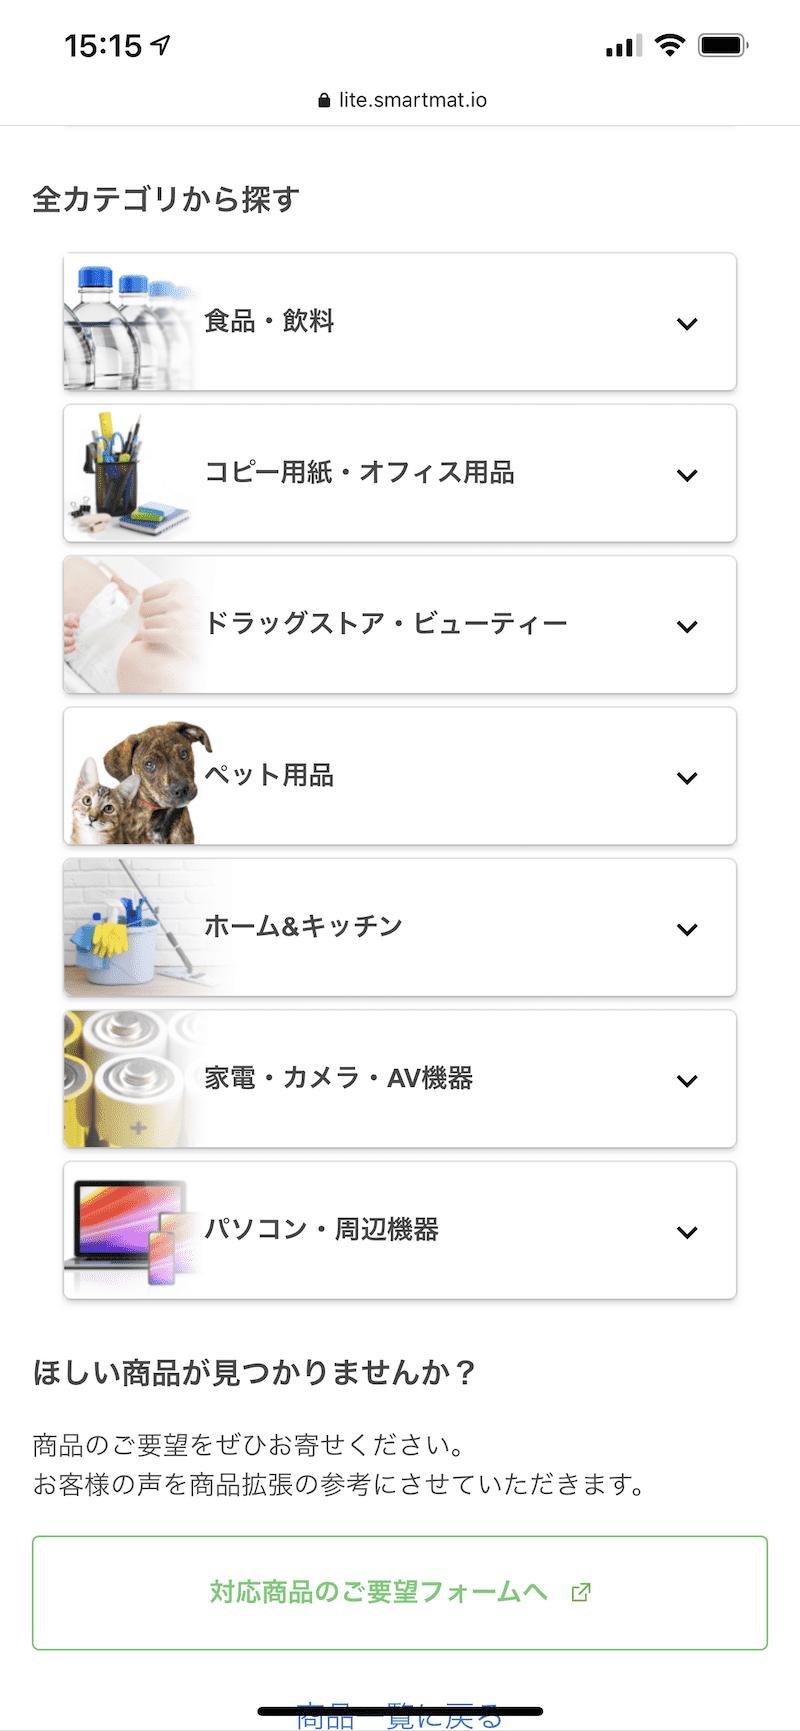 スマートマットライトの対象商品カテゴリのスクリーンショット